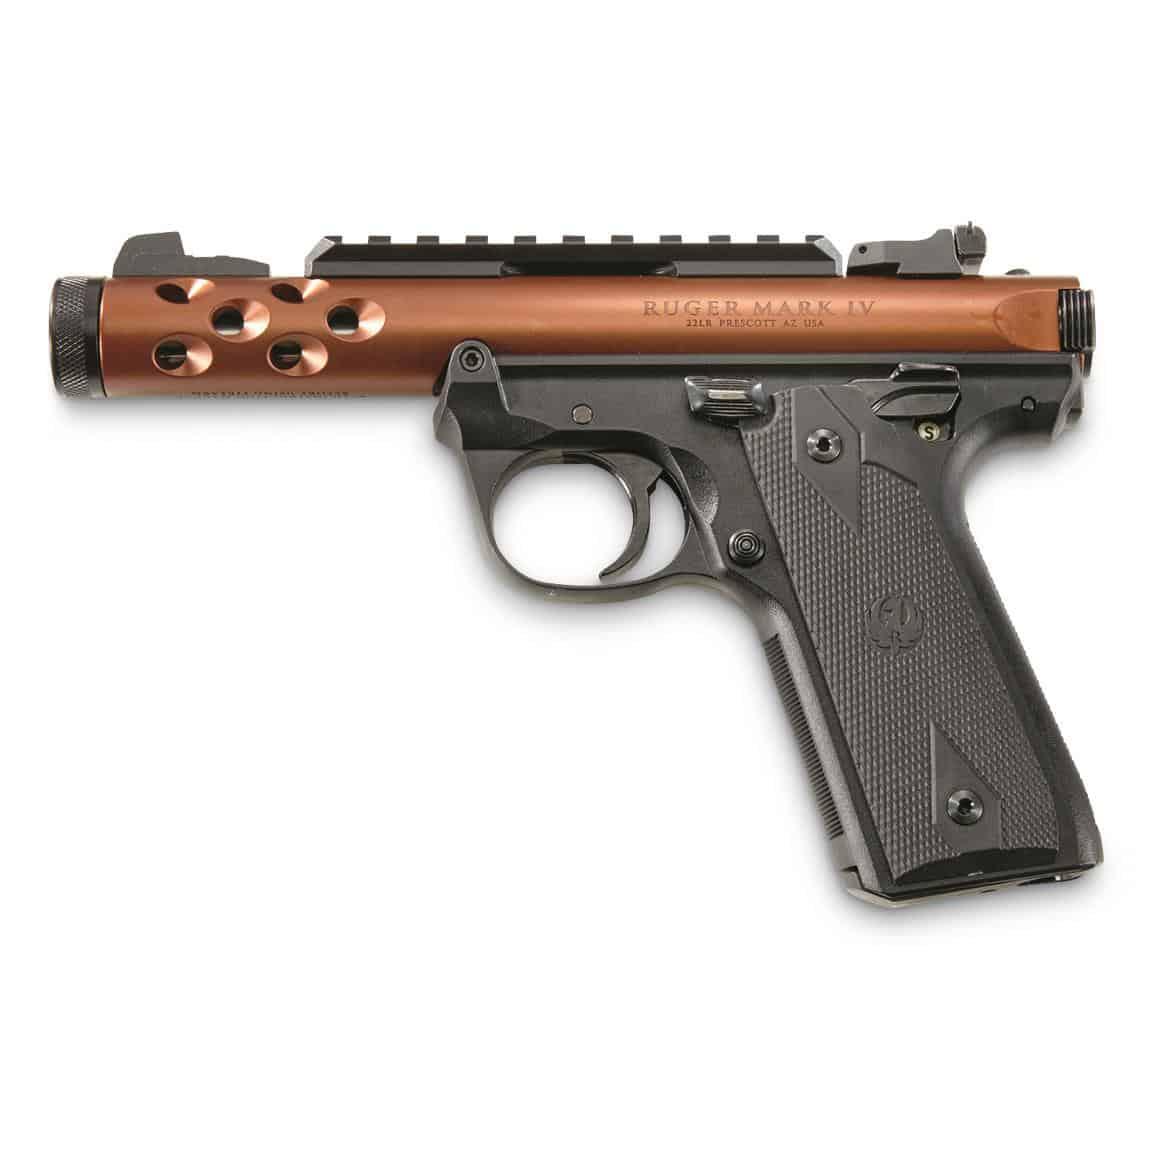 11+ Best .22LR Pistols & Handguns Reviewed - Which One ...